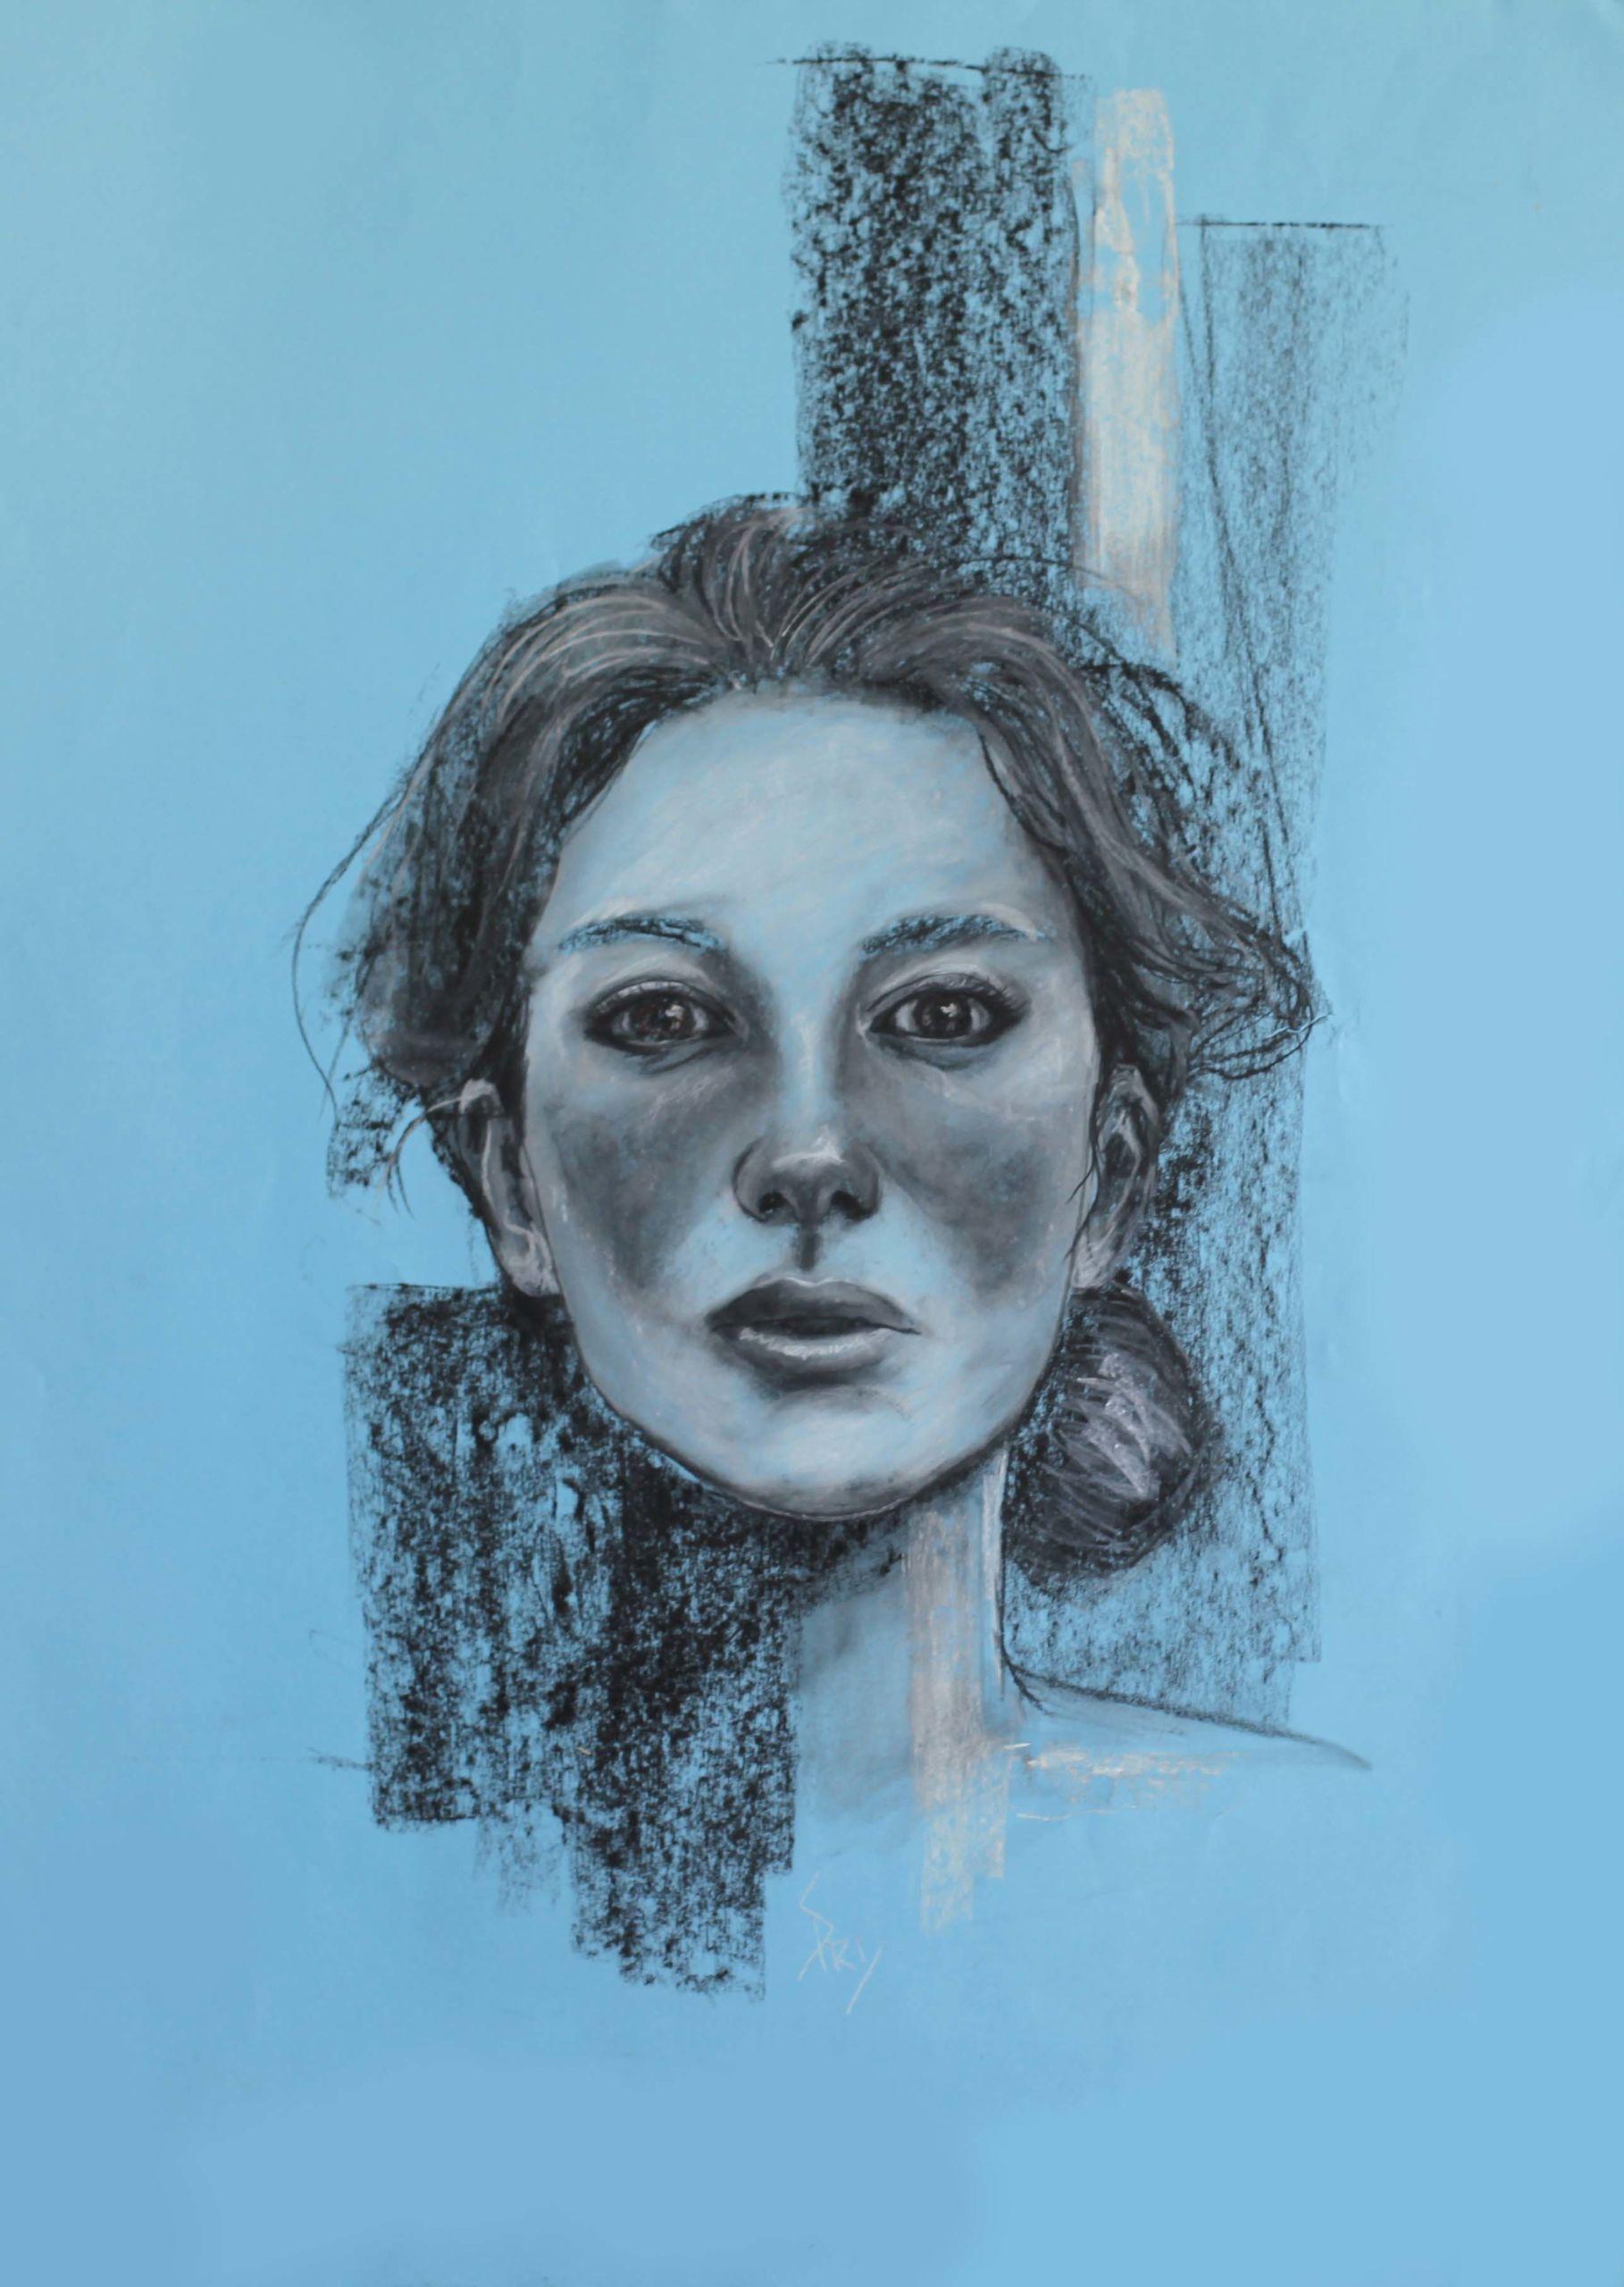 Dessin créé par l'artiste-peintre Priscilla Seiller